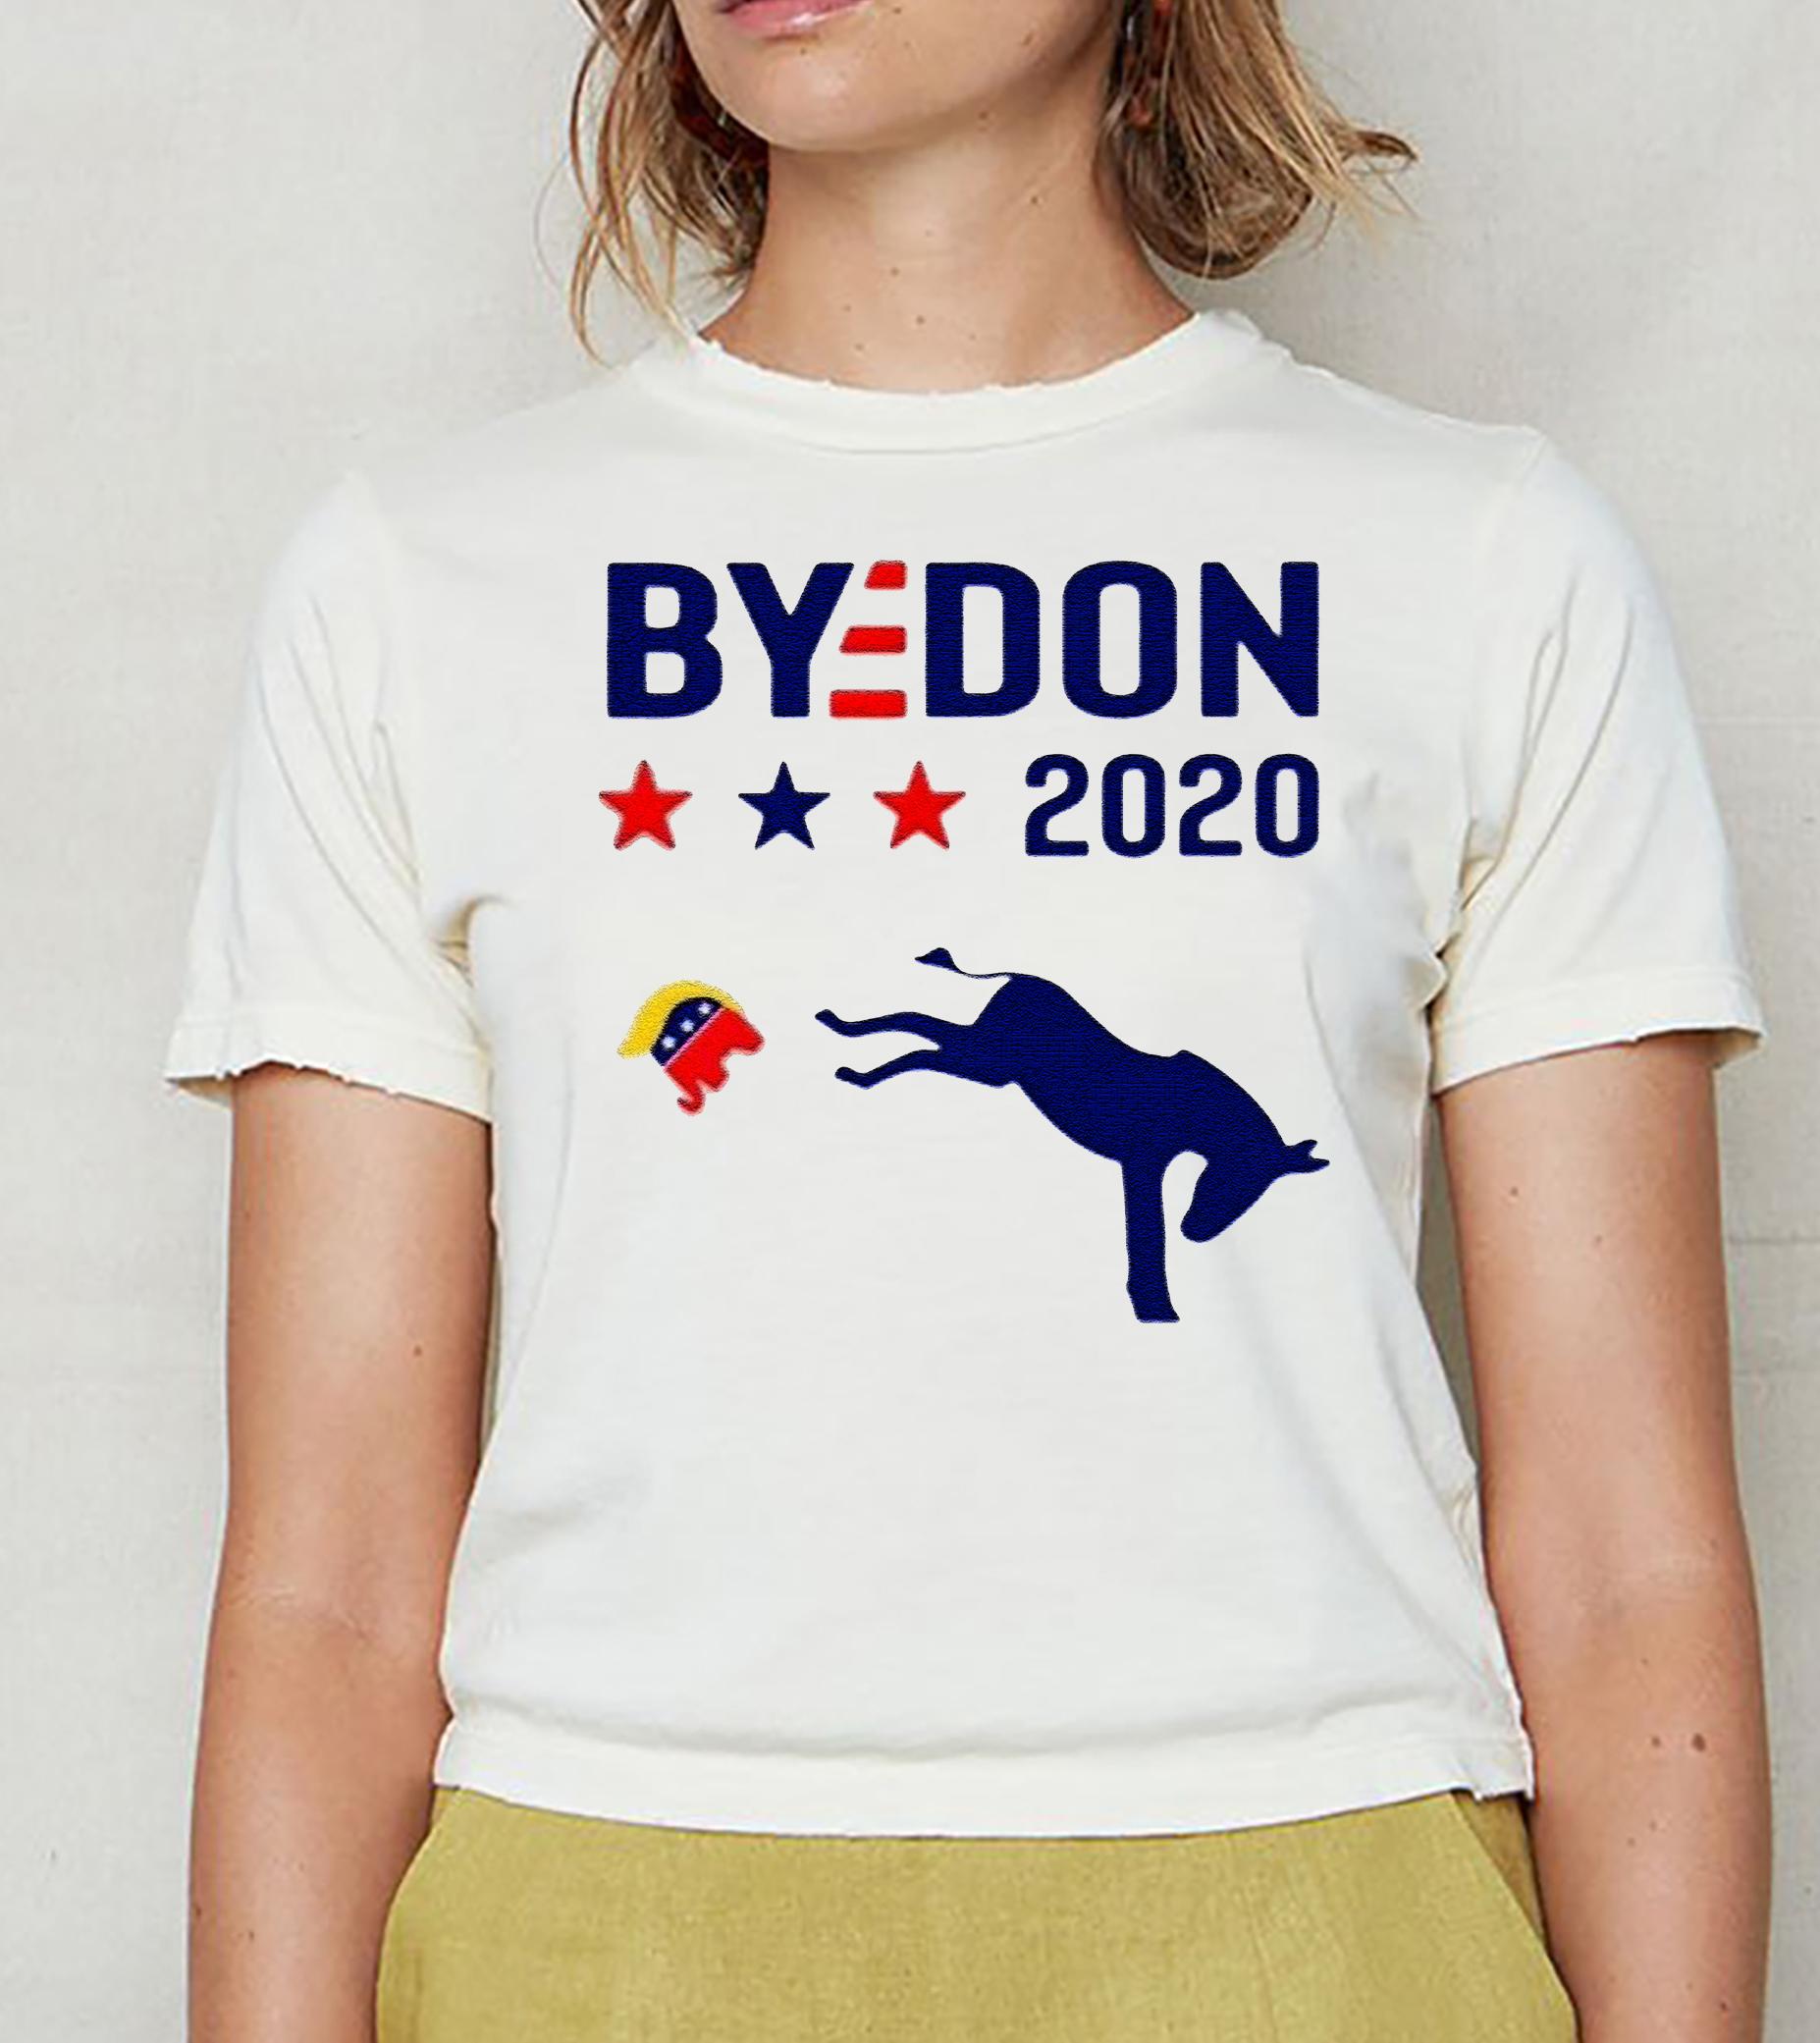 Joe Biden donkey kick elephant Trump bydon 2020 tshirts